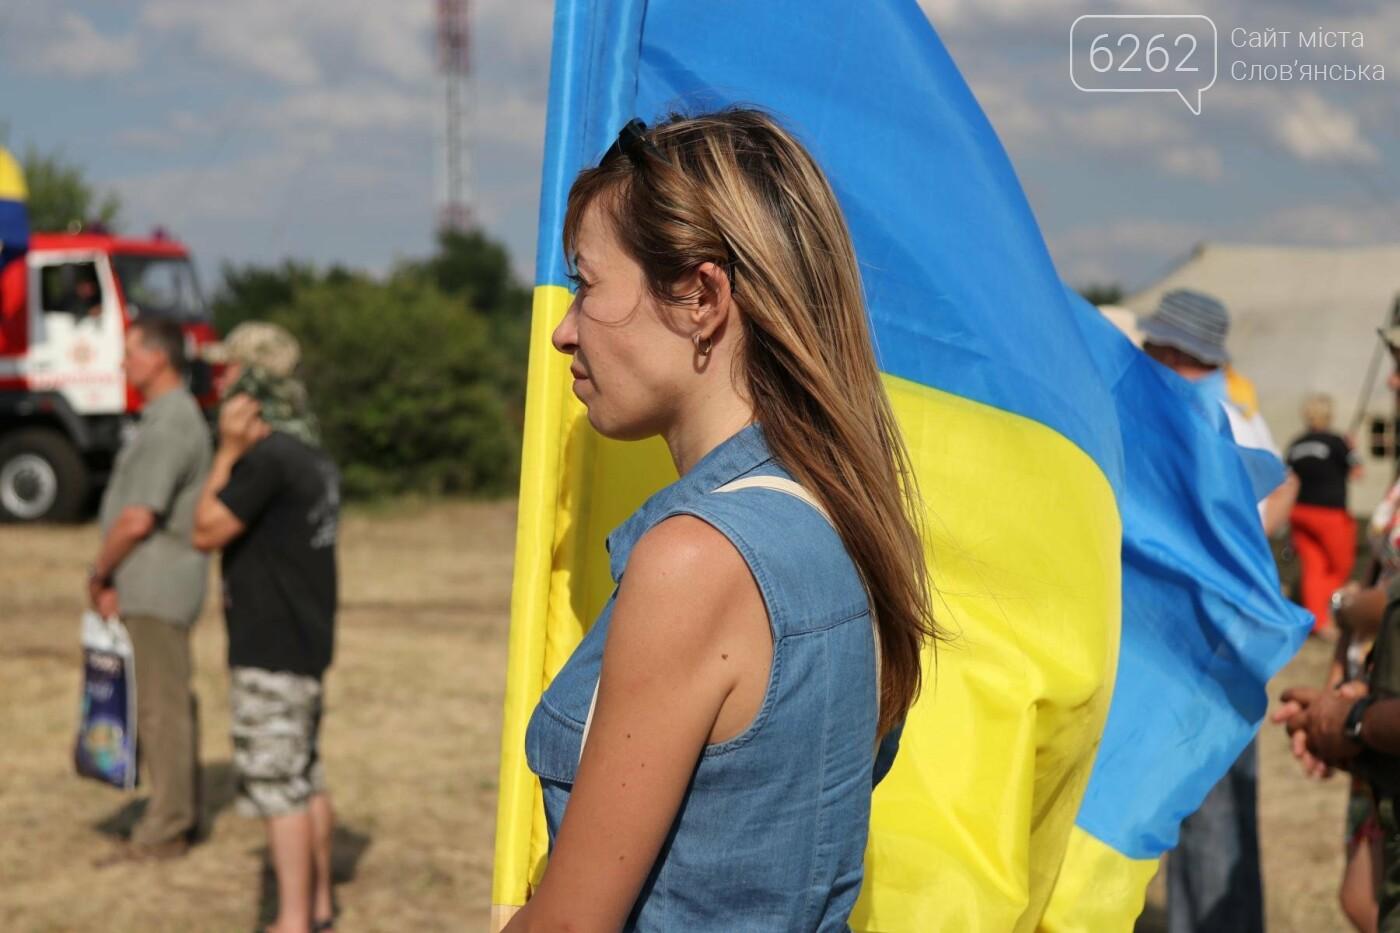 """У Слов'янську проходить фестиваль """"Донеччина зустрічає своїх захисників"""", фото-2"""